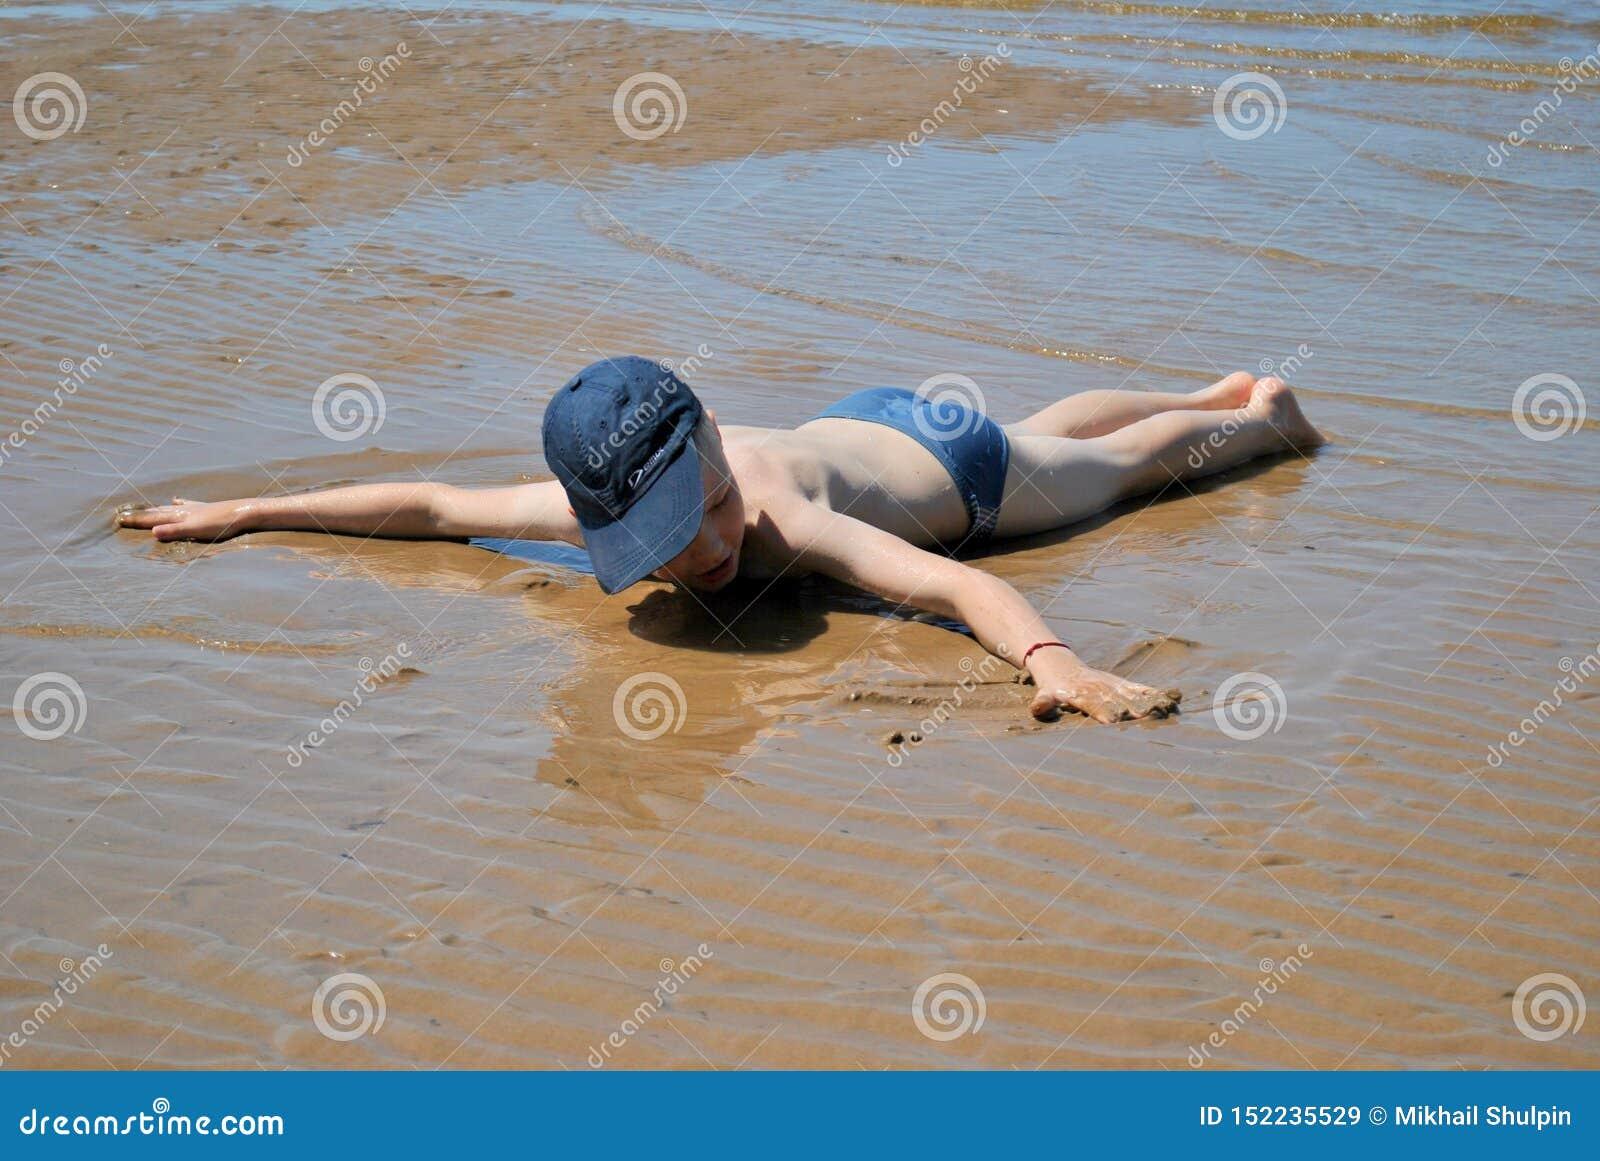 Un ragazzo in costume da bagno ed in un cappuccio si trova fronte giù su una spiaggia sabbiosa dopo una bassa marea, con le sue a